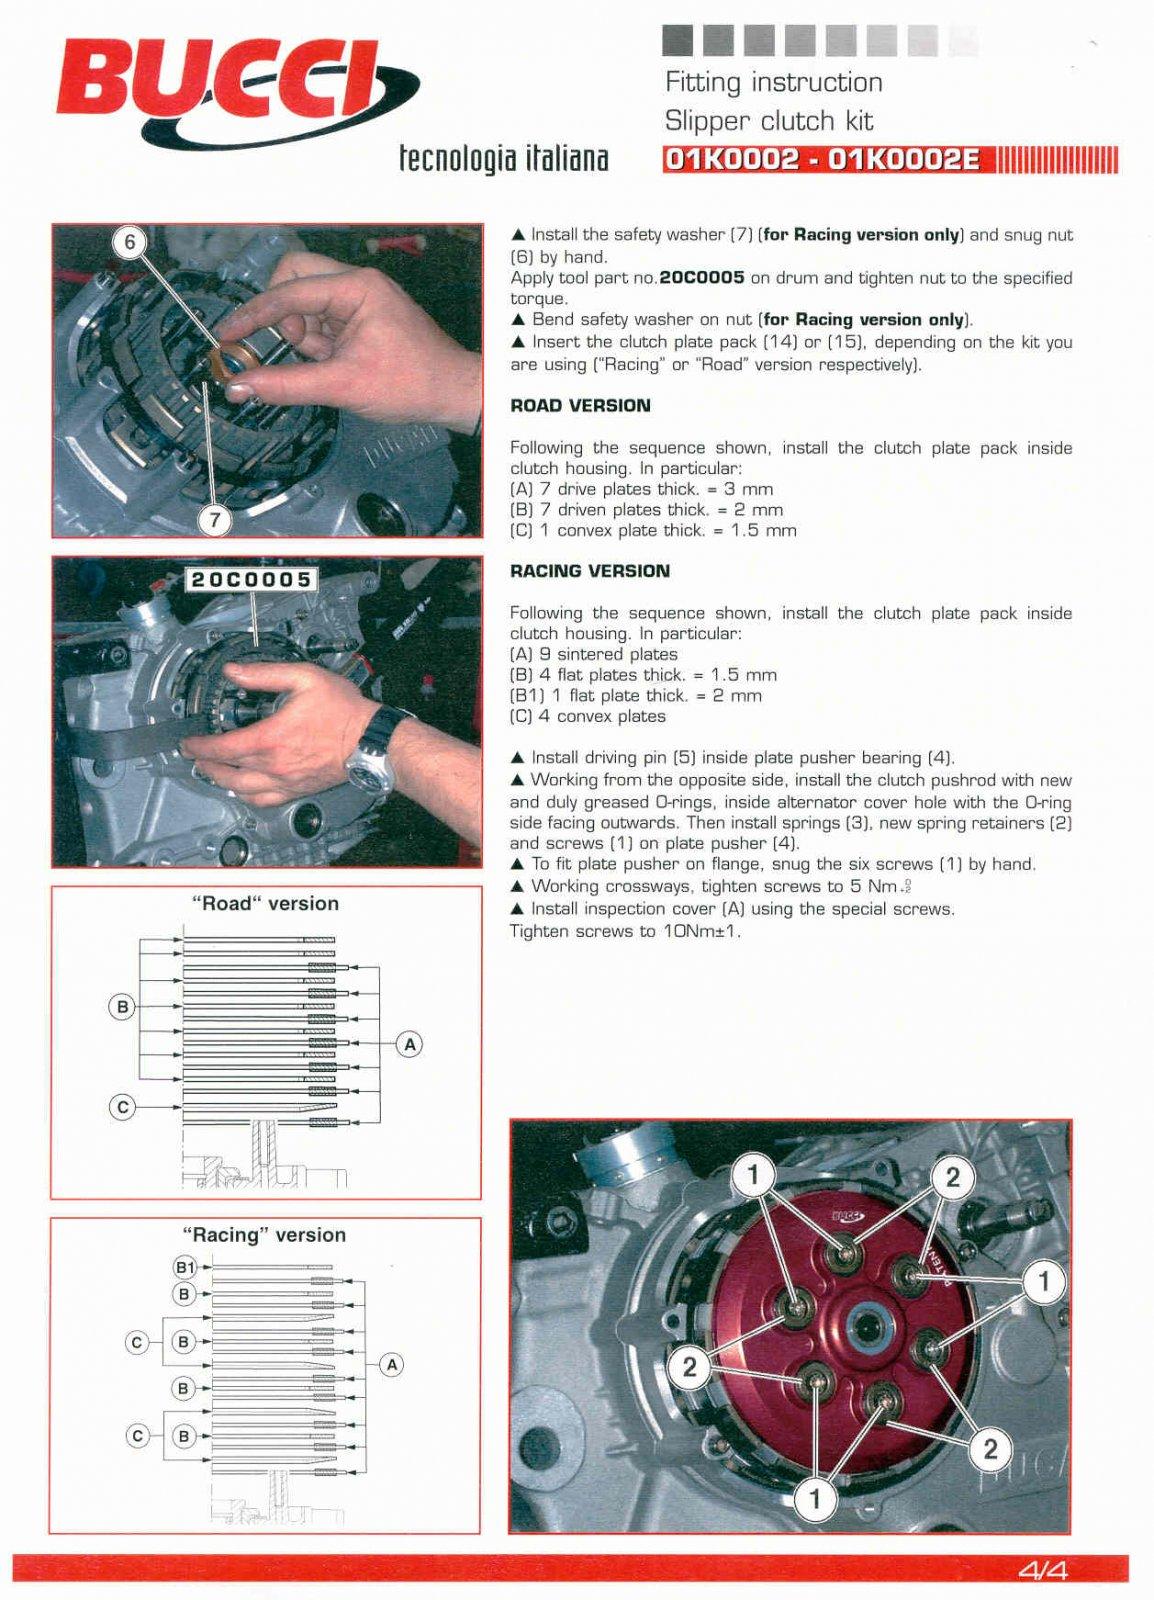 BUCCI slipper clutch fit 4.jpg